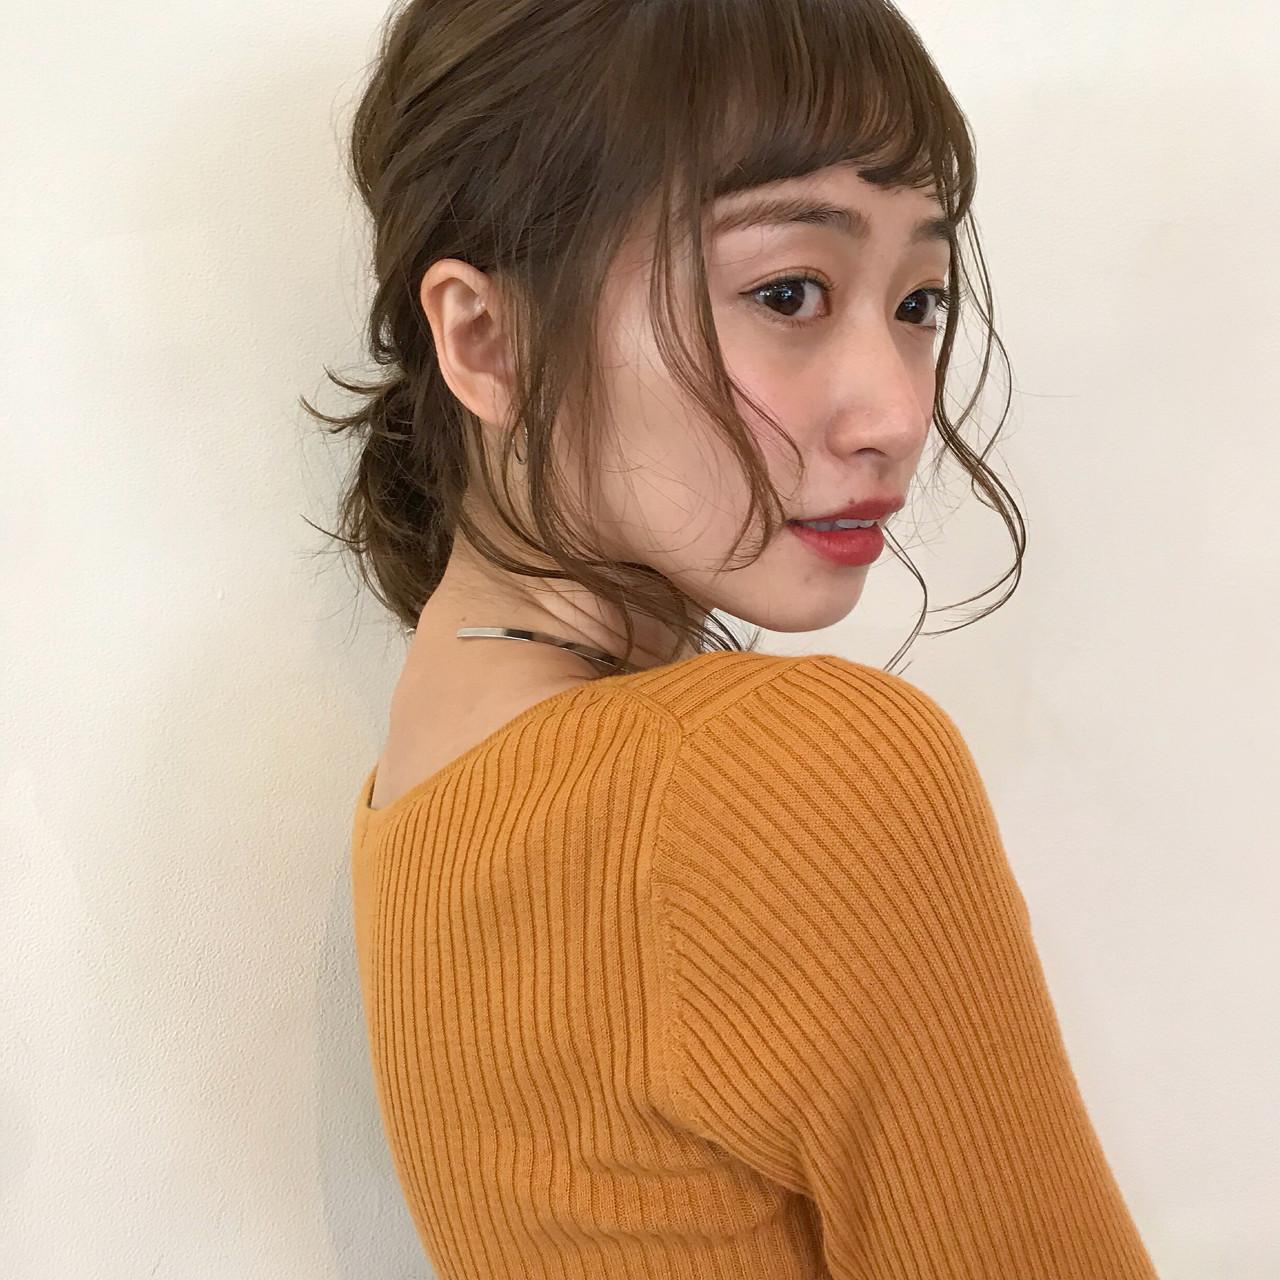 オン眉で印象チェンジ♡丸顔さんも似合うおすすめヘアスタイル紹介の32枚目の画像